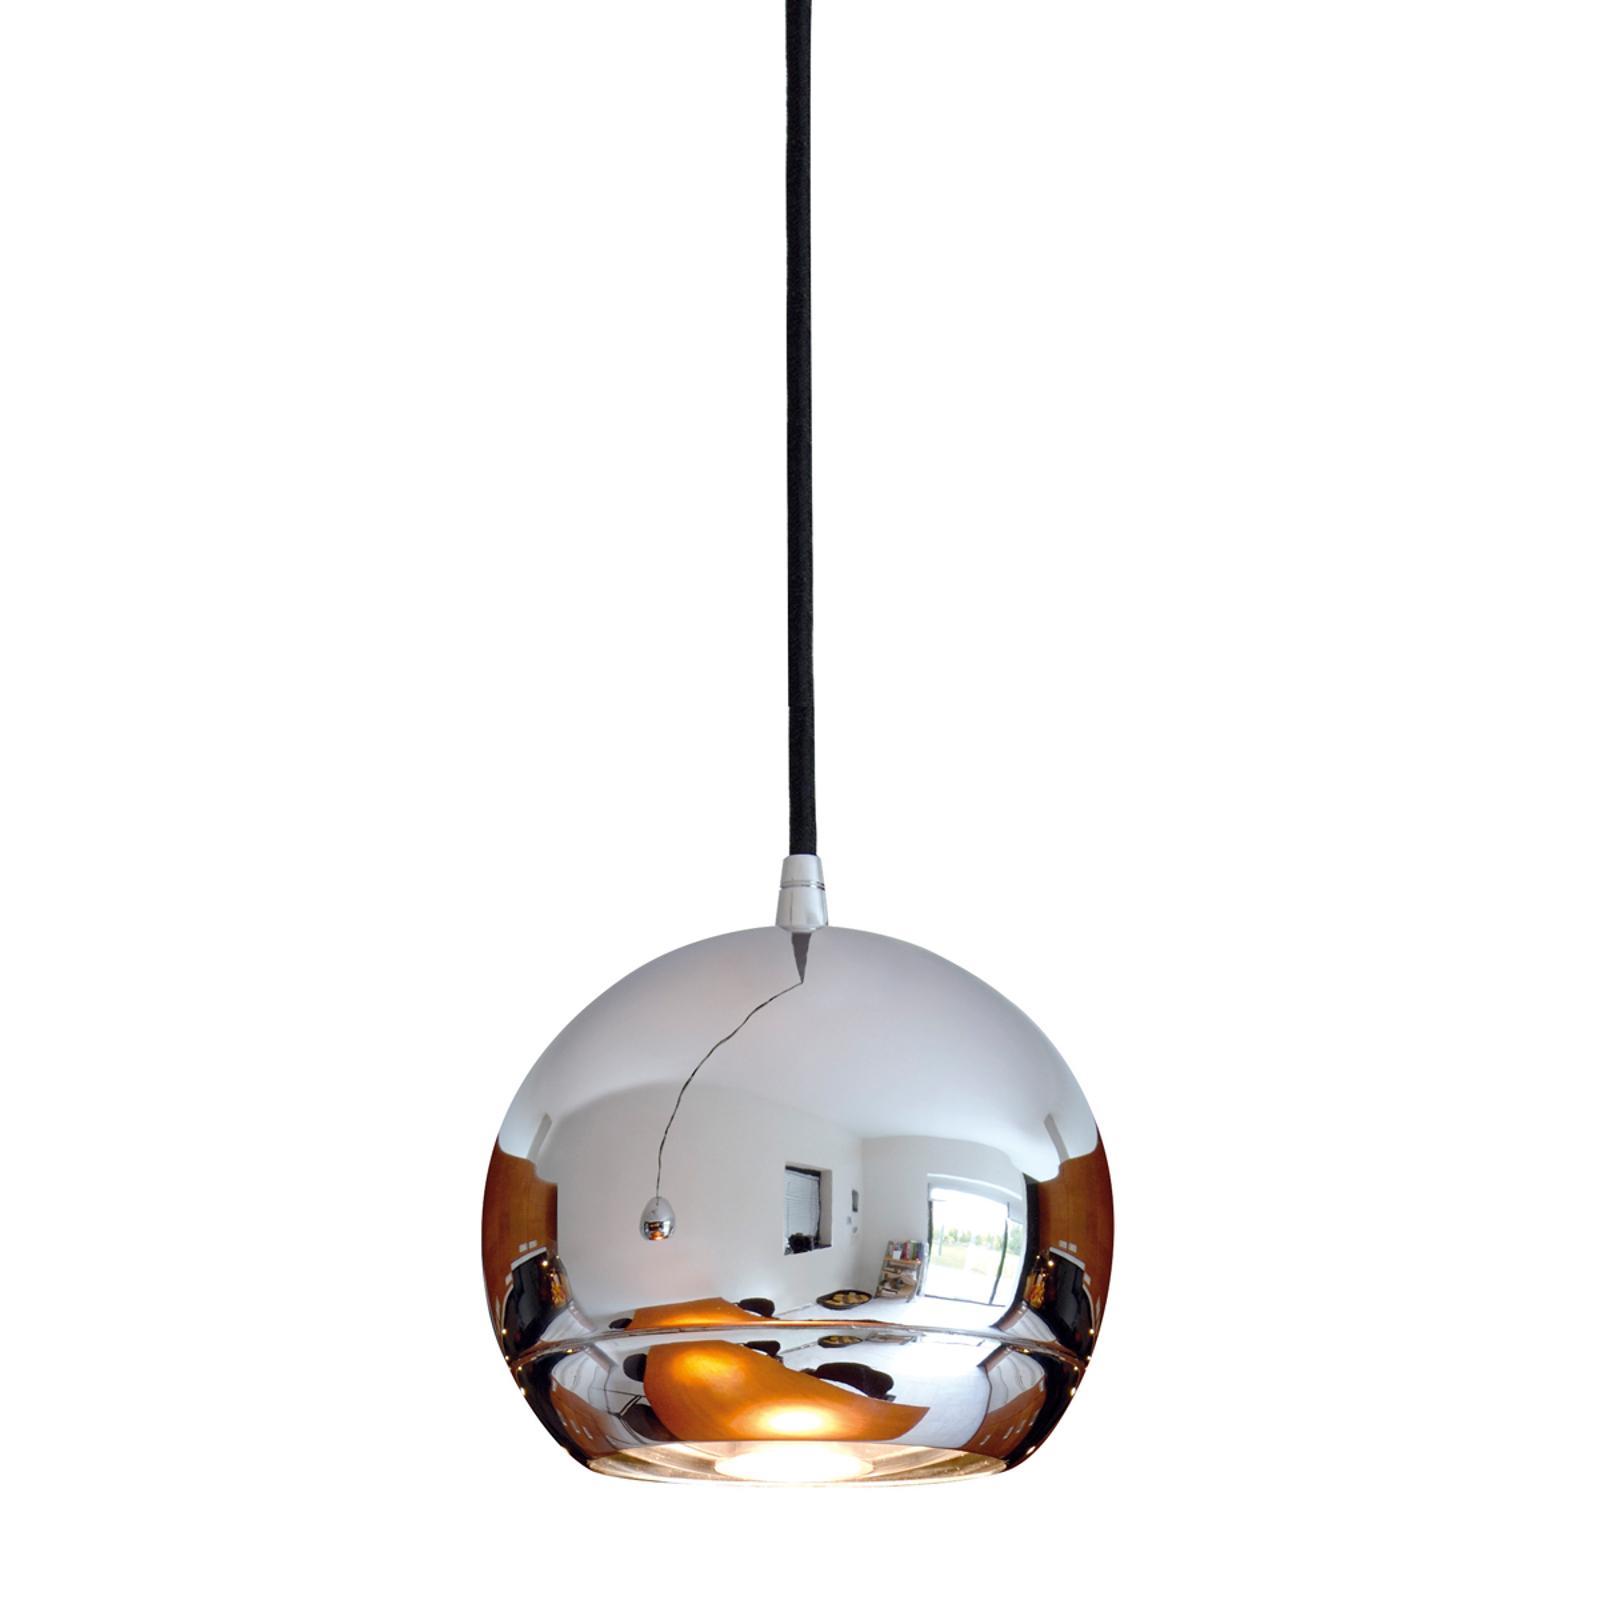 SLV Light Eye 150 hanglamp HV-rail, chroom